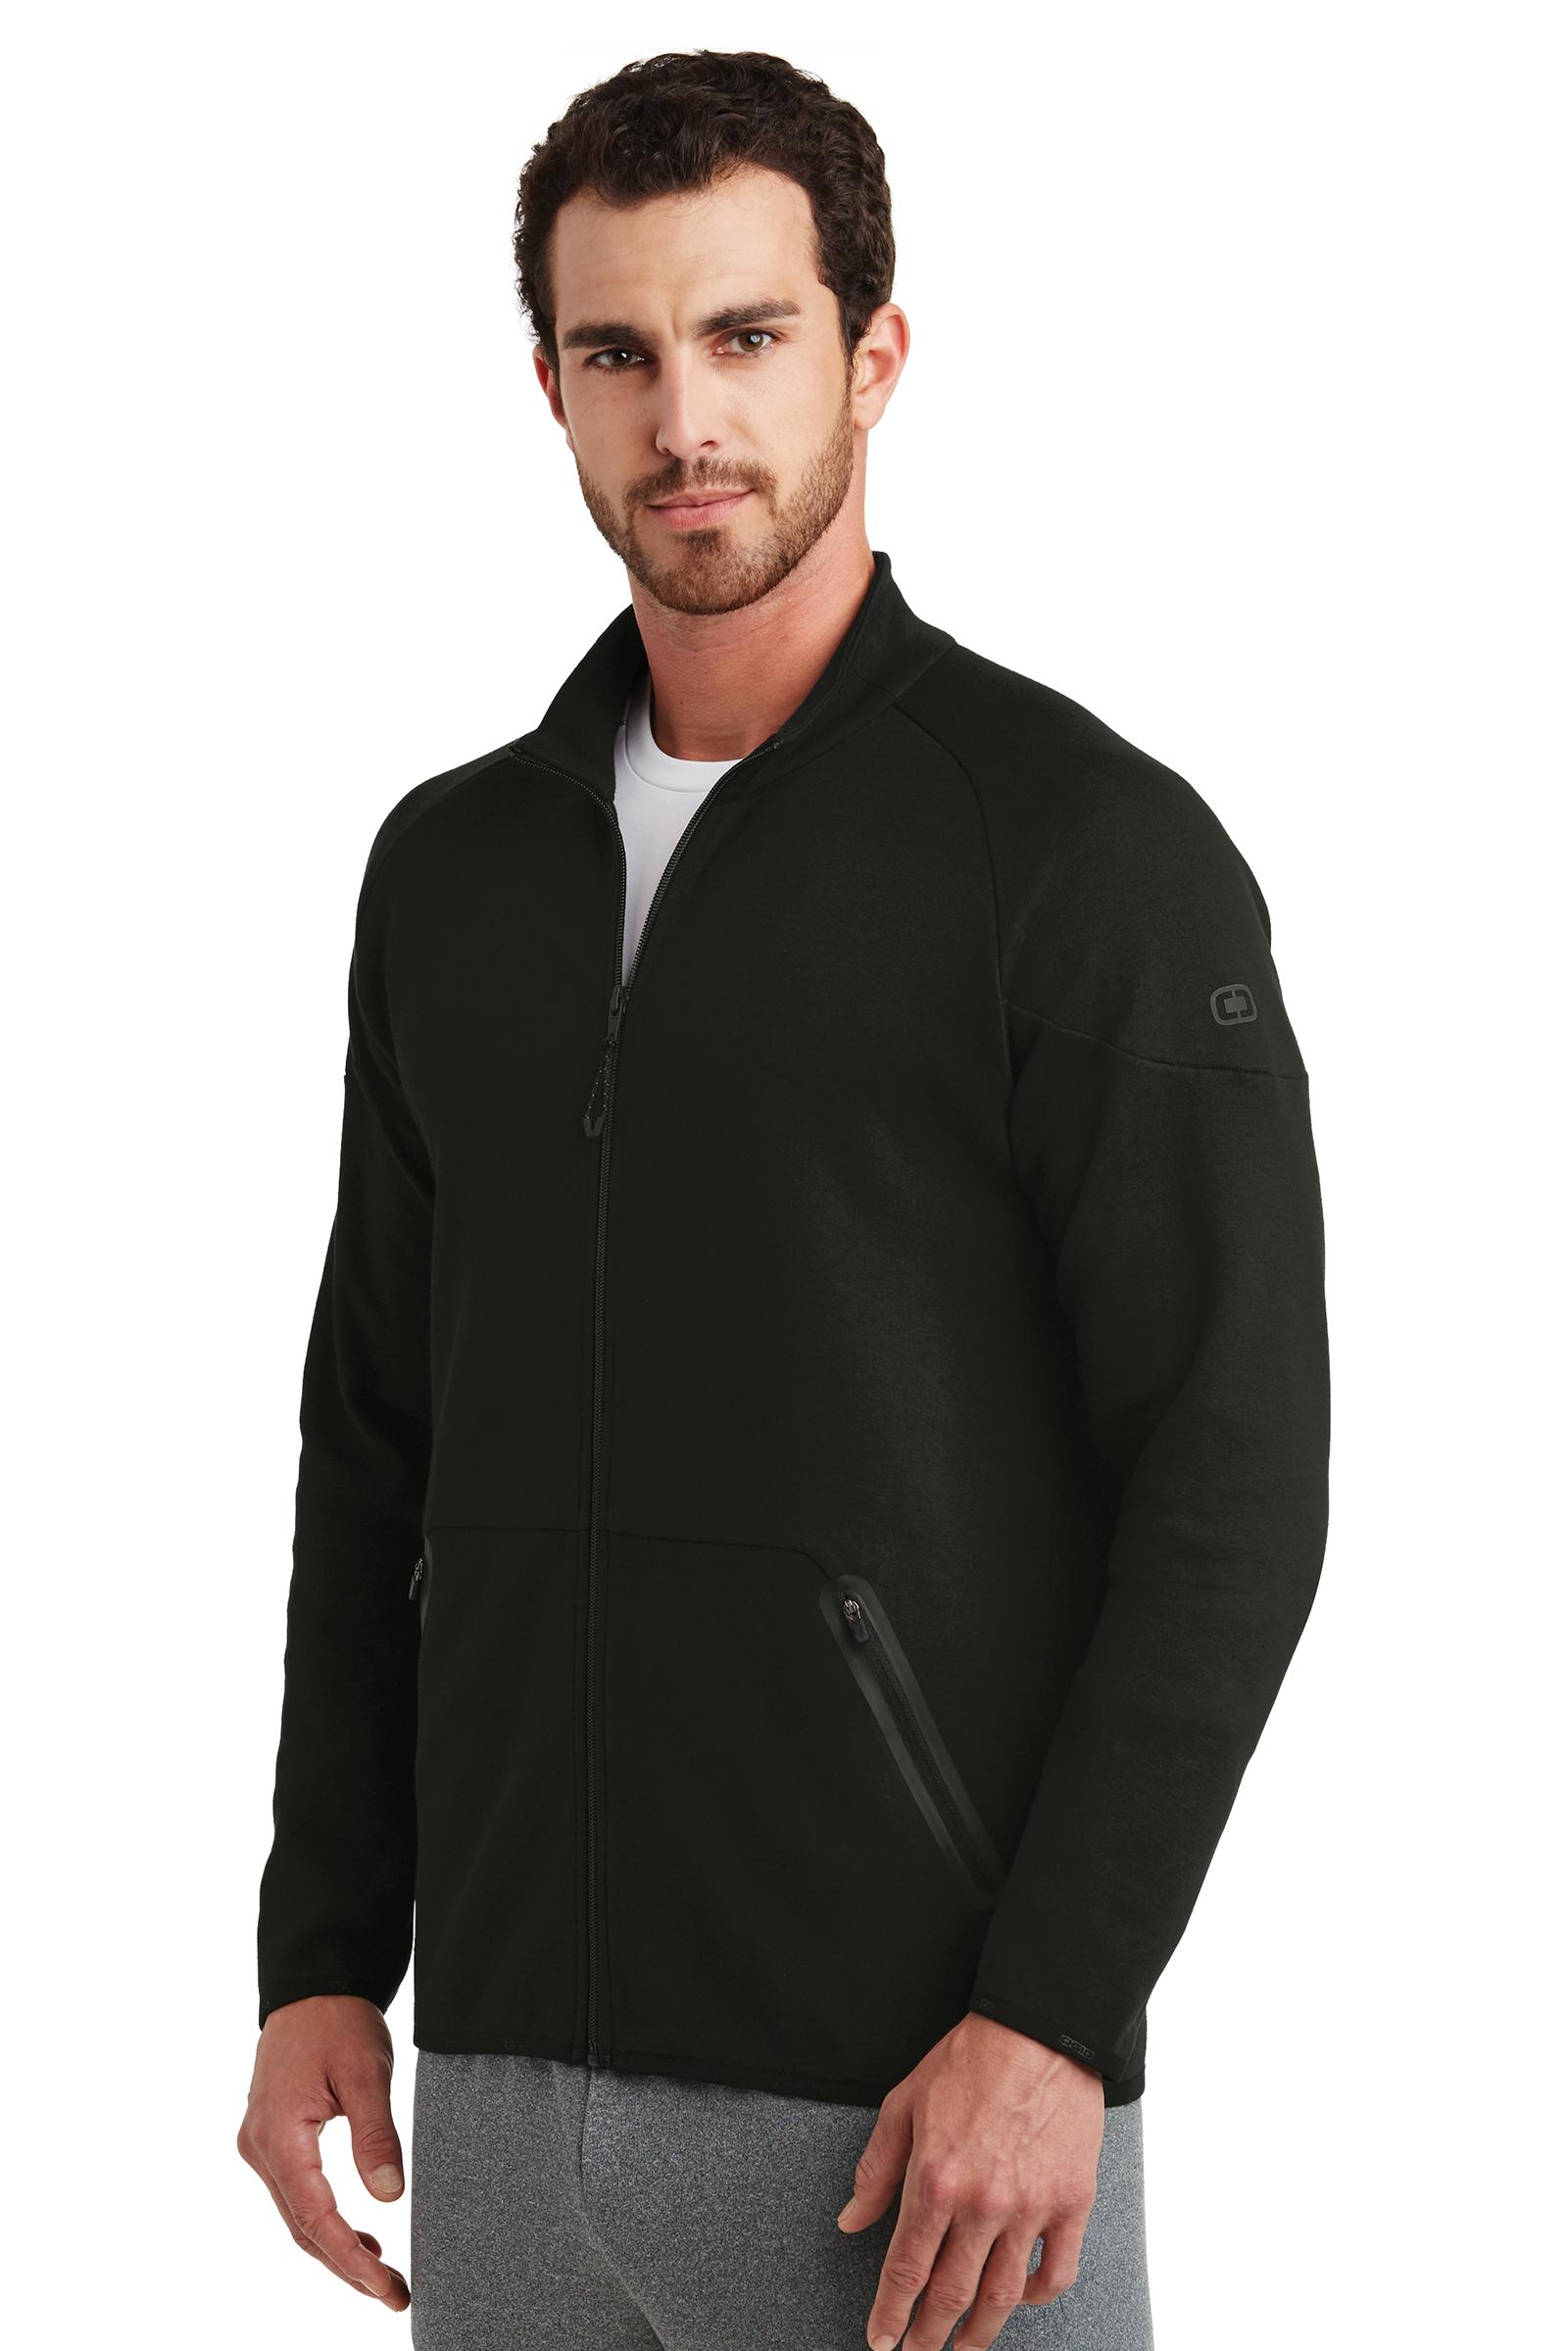 OGIO ENDURANCE Embroidered Men's Origin Jacket